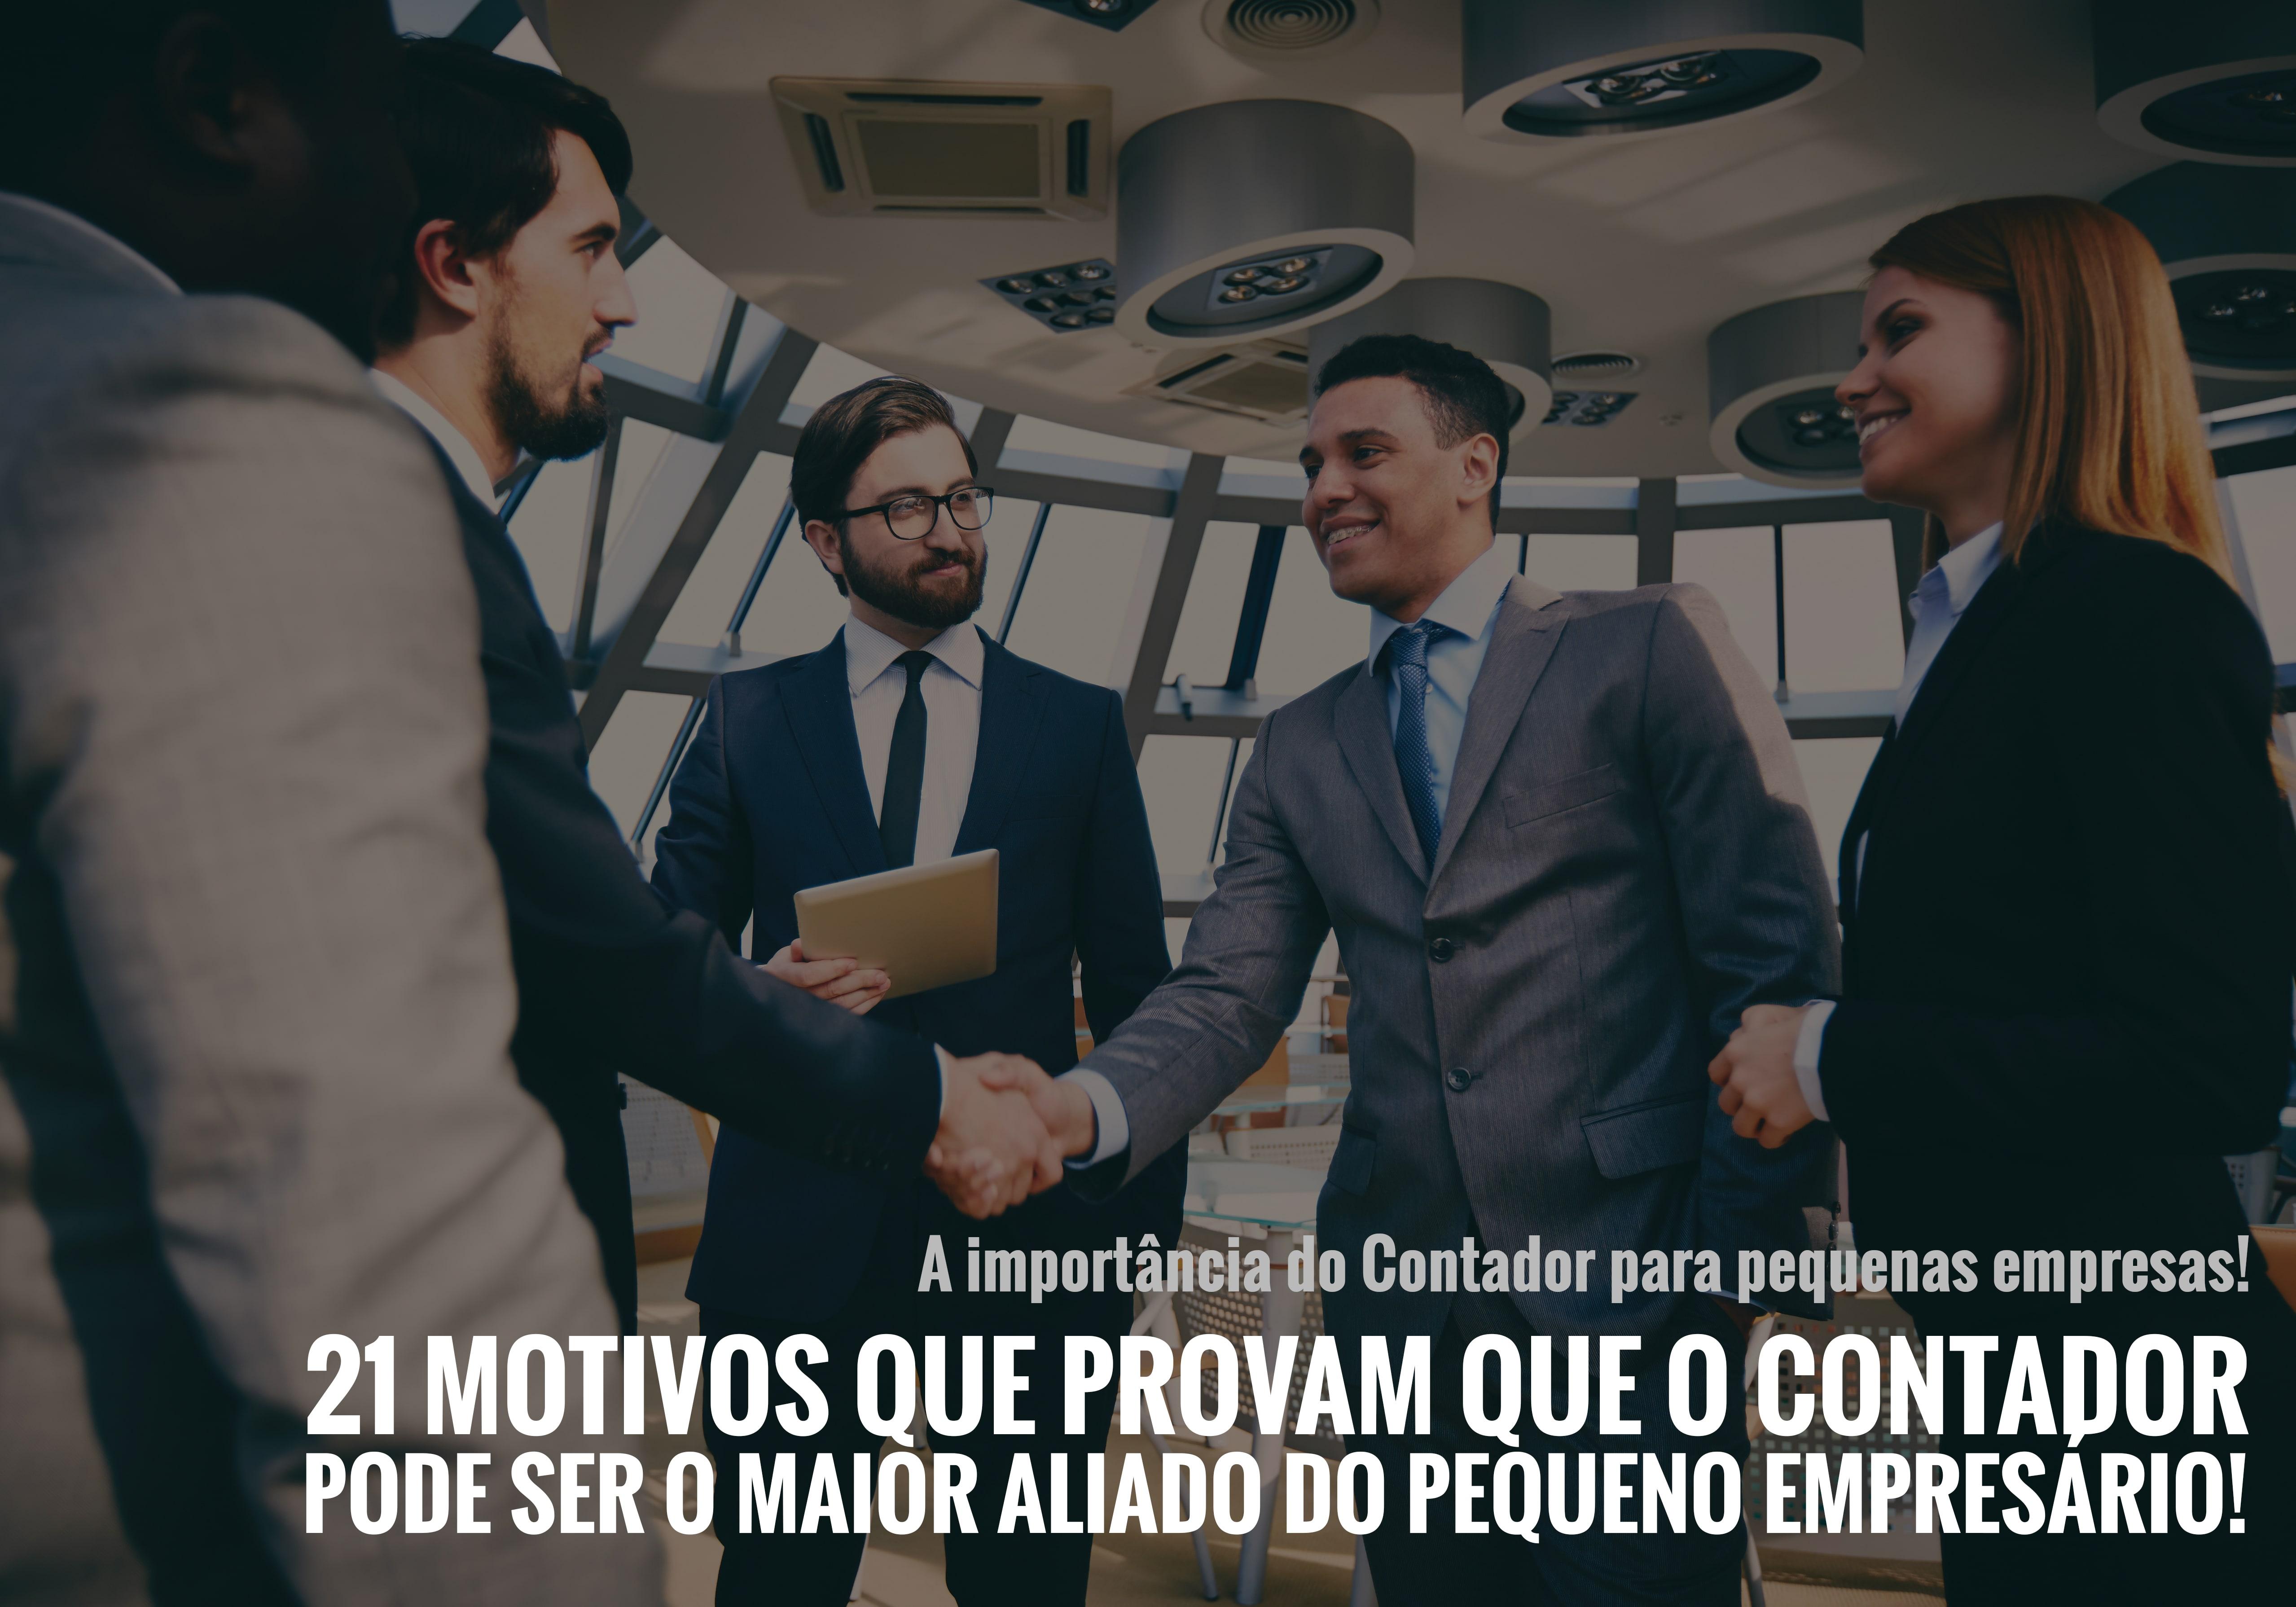 A importância do Contador para pequenas empresas!